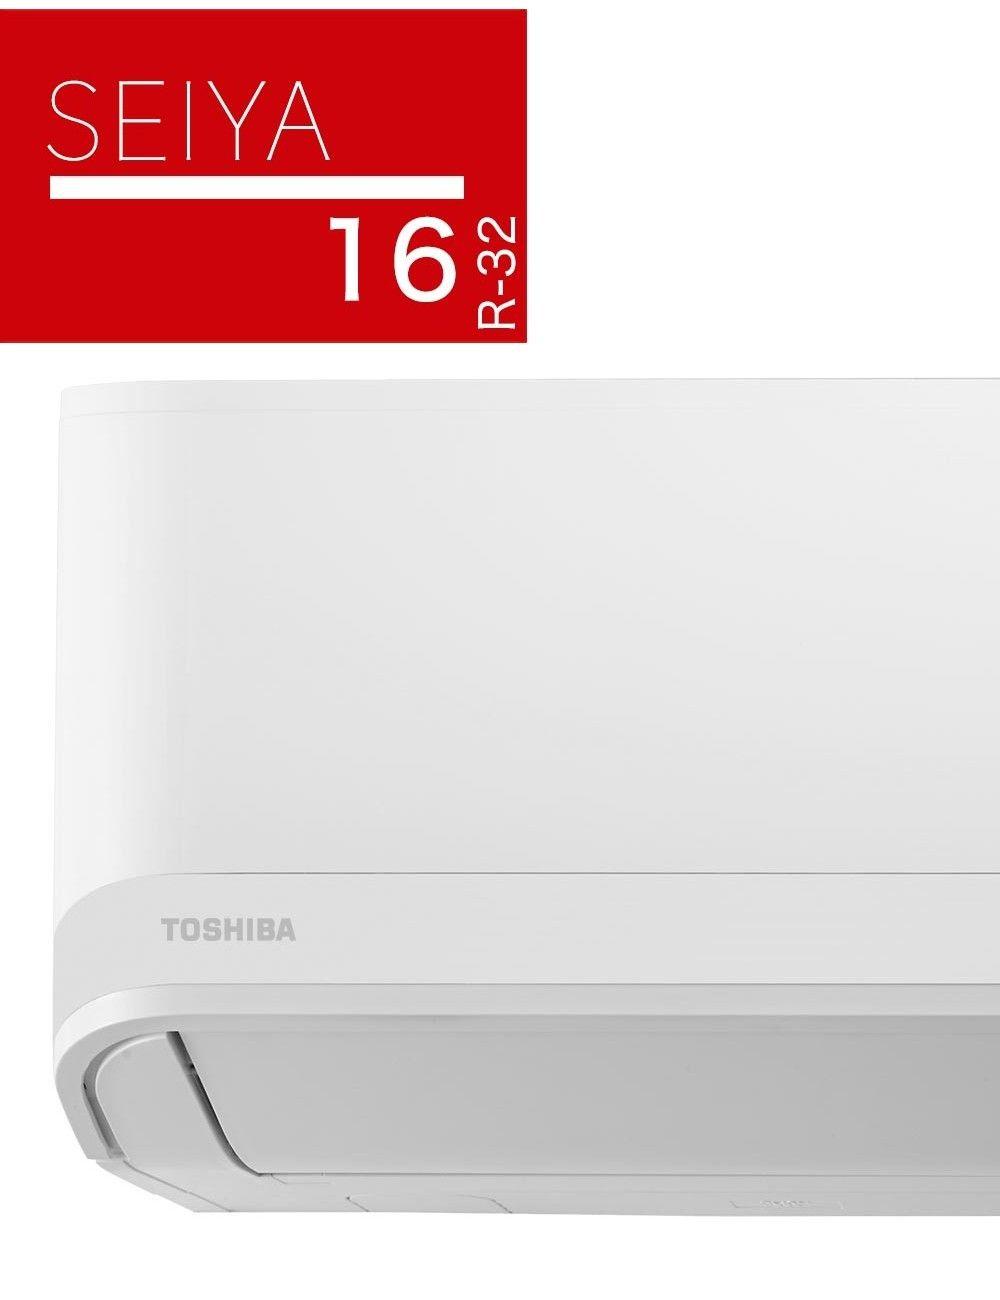 Aire acondicionado Toshiba Seiya R32